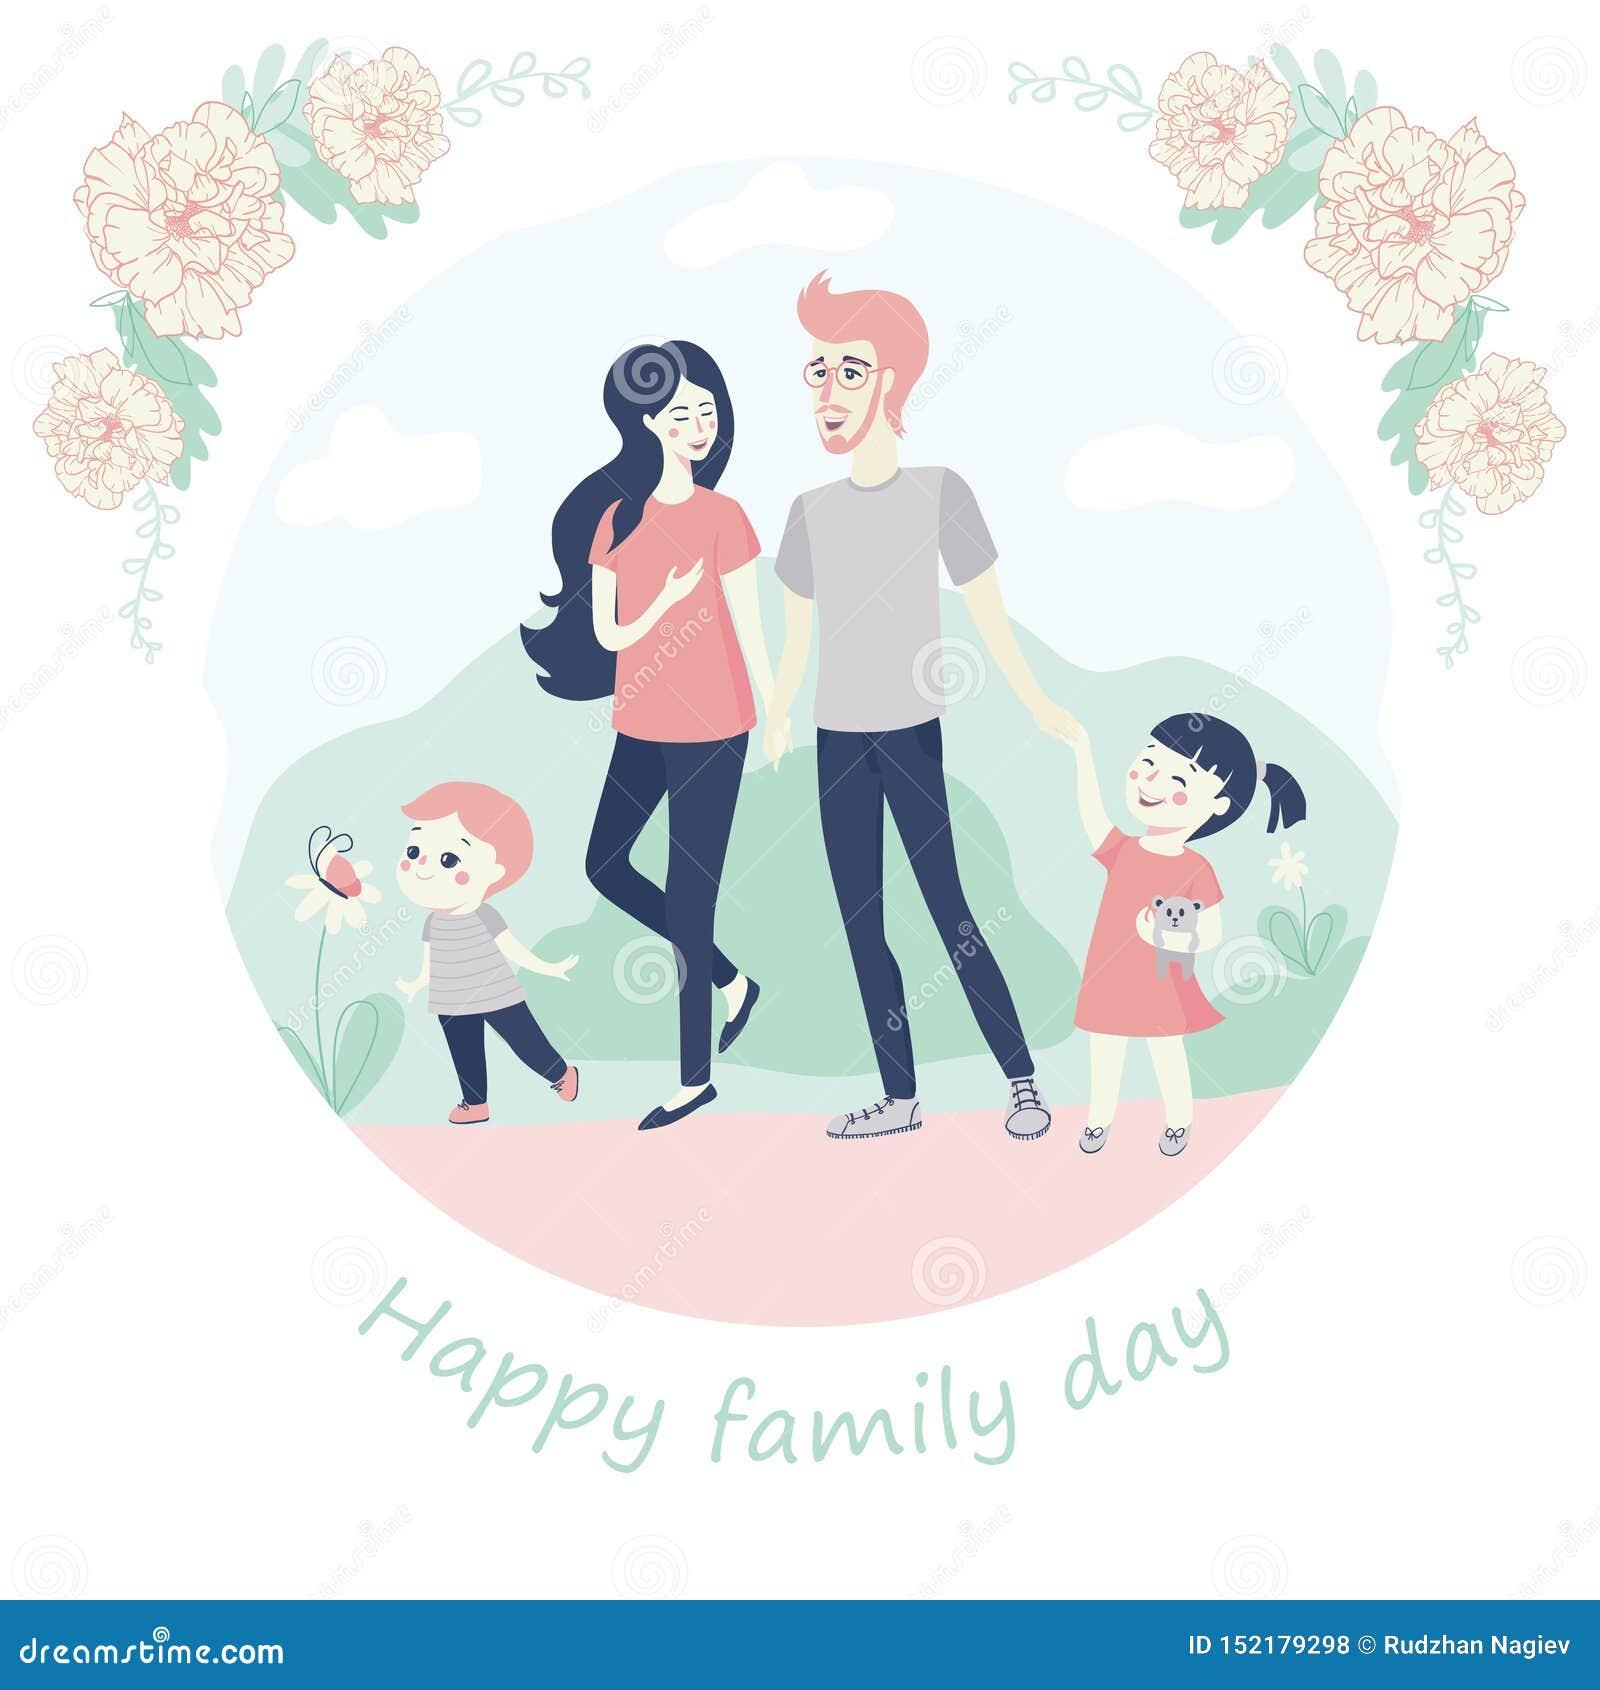 Het gelukkige Concept van de Familiedag met een jonge familie met jonge geitjes, een kleine broer en zuster, die hand in hand met